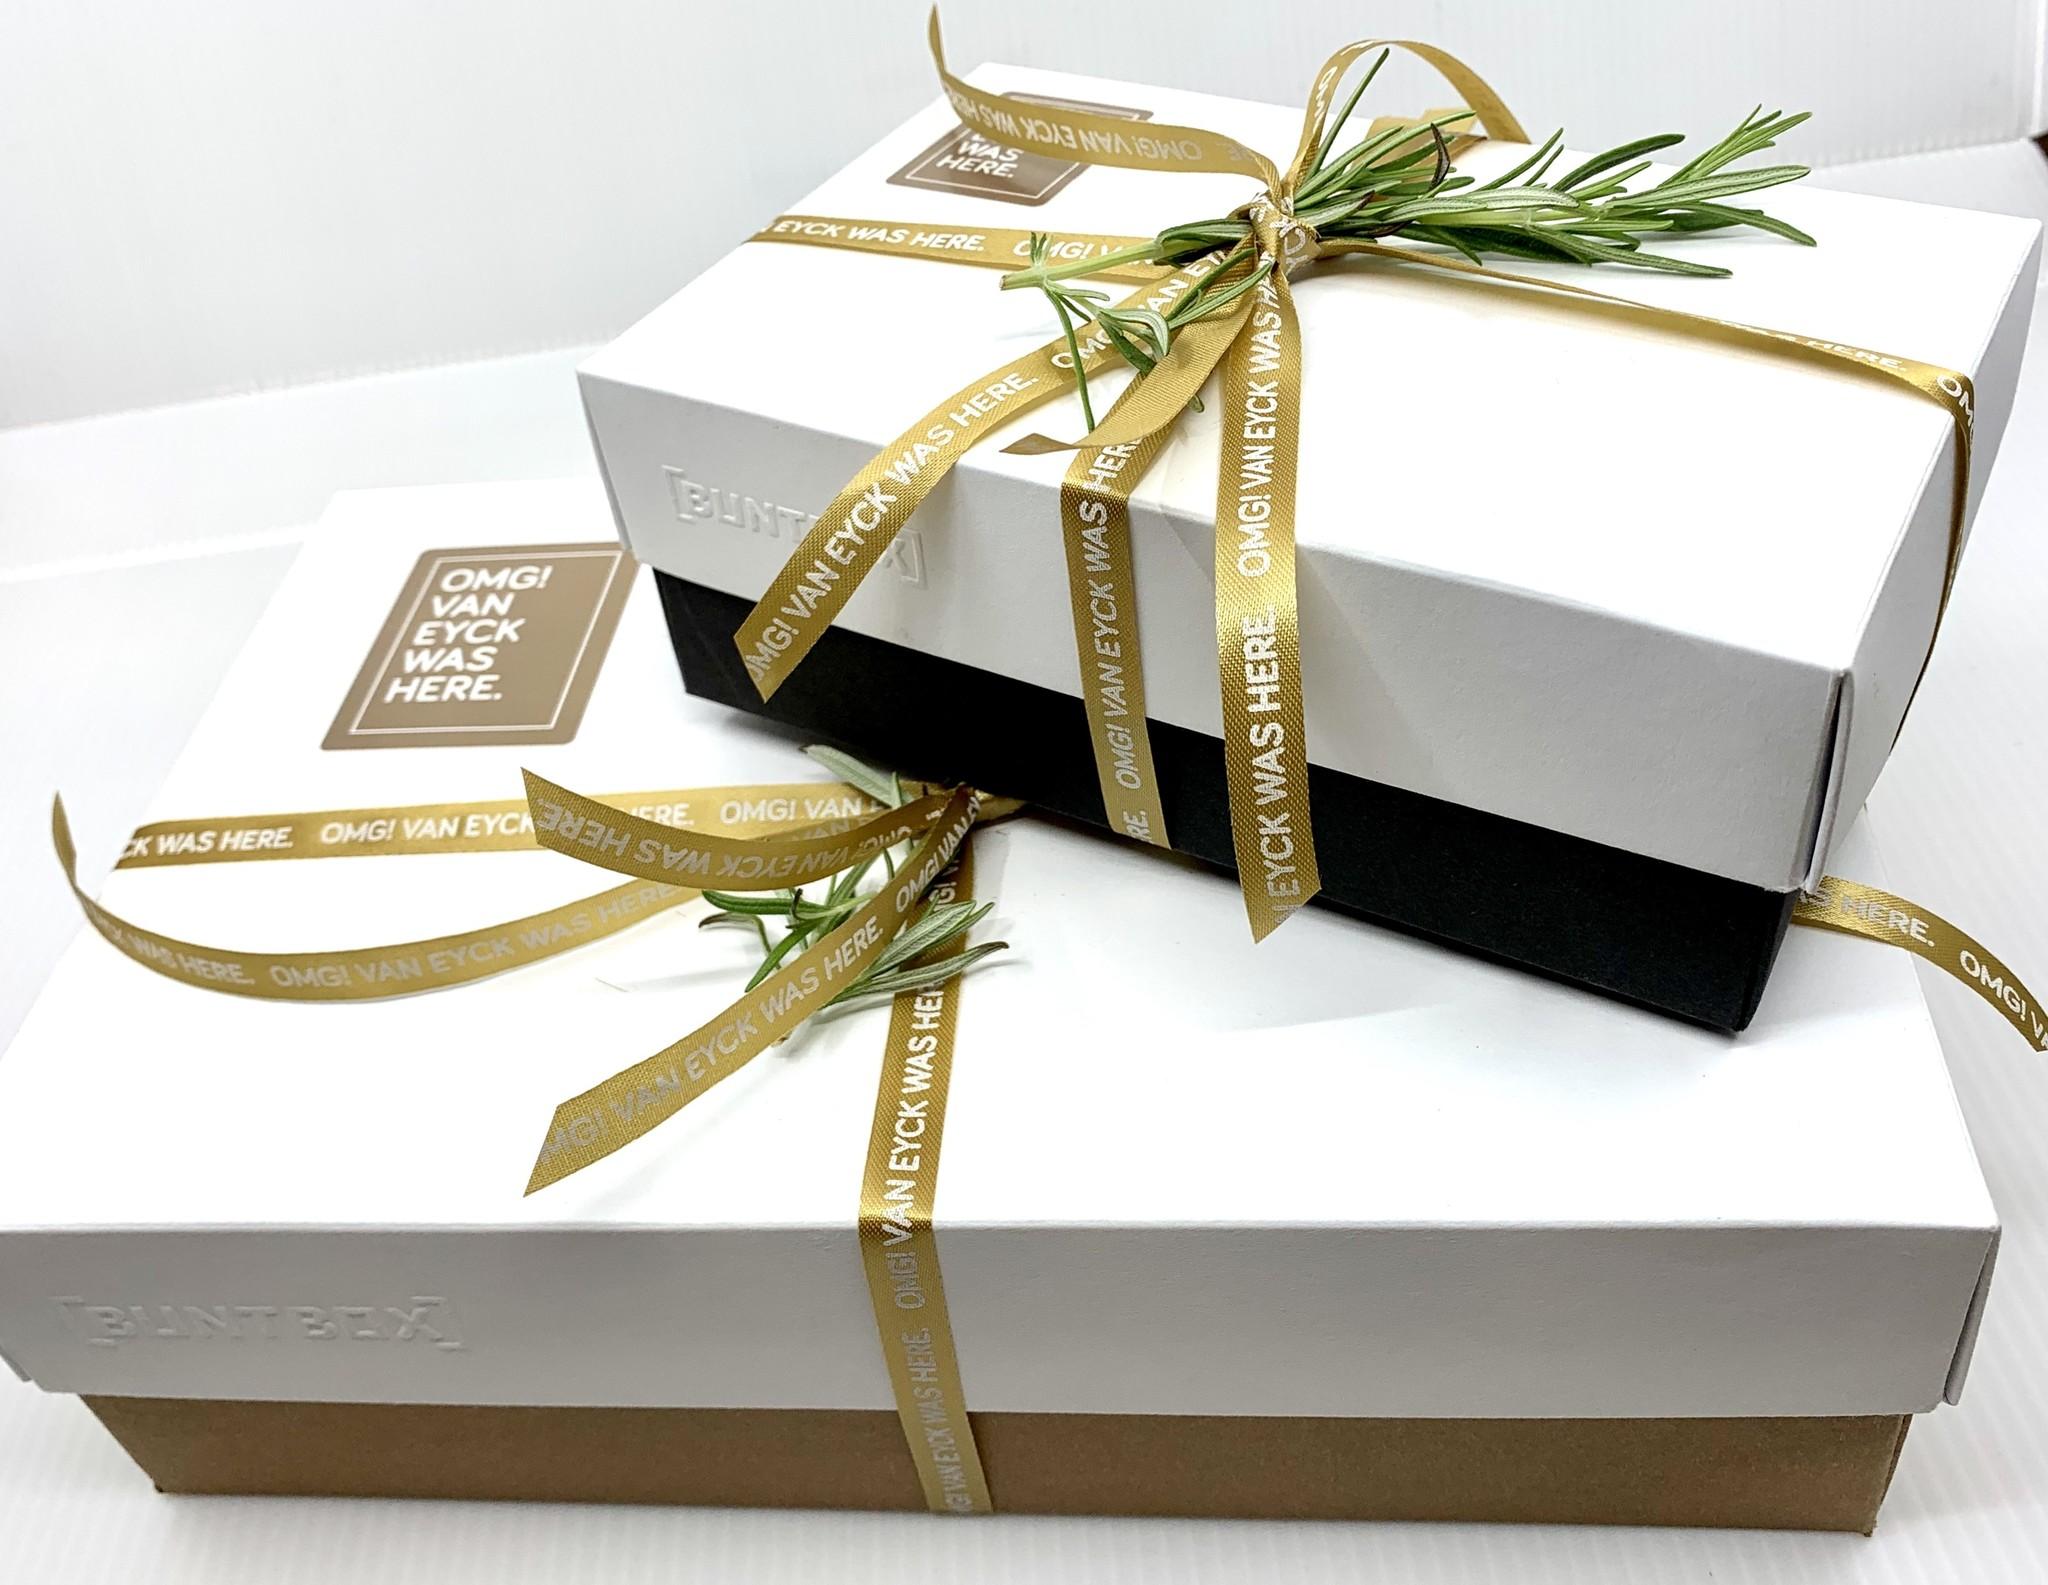 Van Eyck shop Gift box 'Little one': slabbetje, rompertje, kaartje met illustratie Carll Cneut